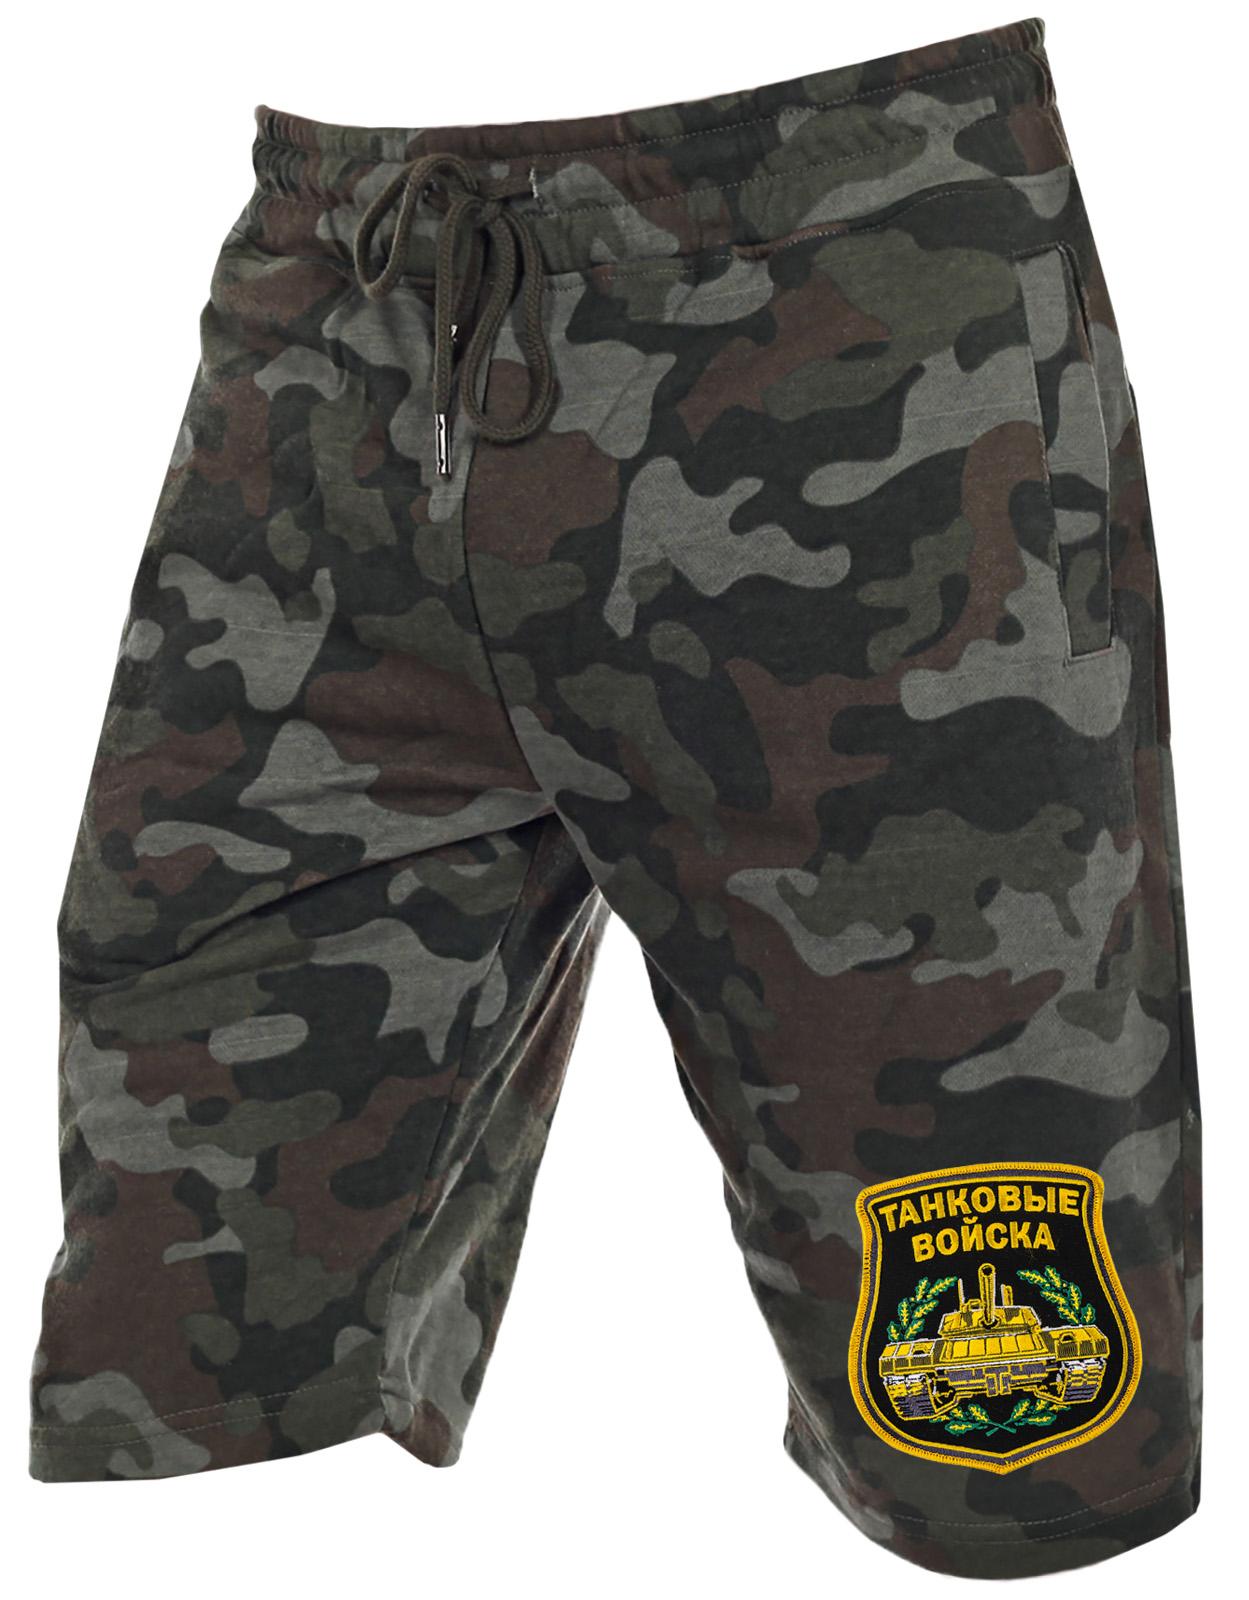 Уставные шорты к общеармейской форме.